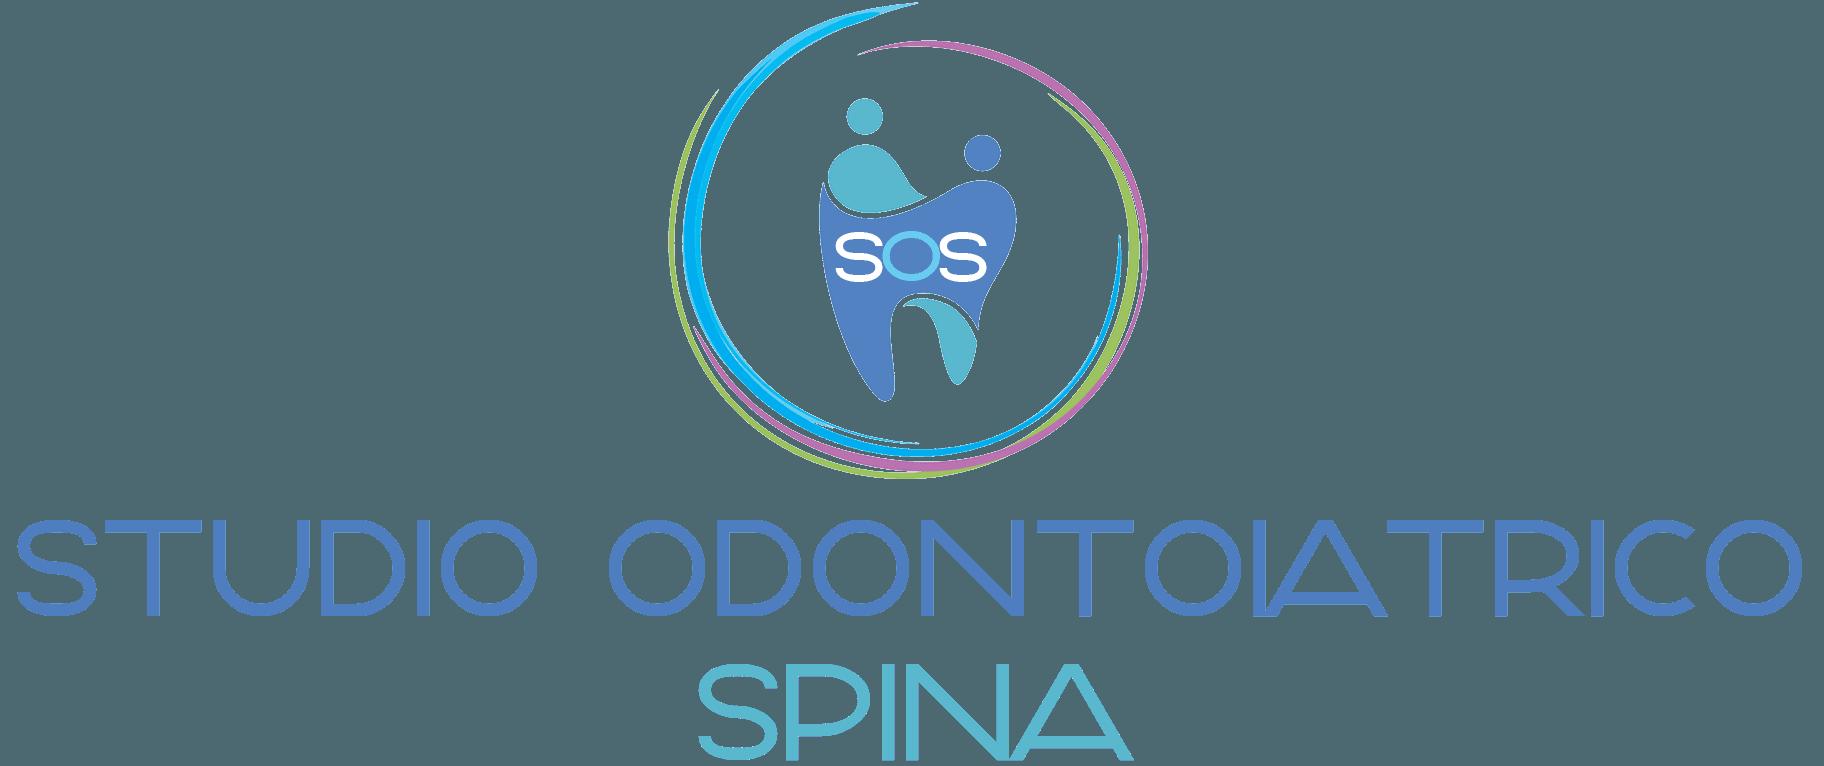 studio odontoiatrico spina